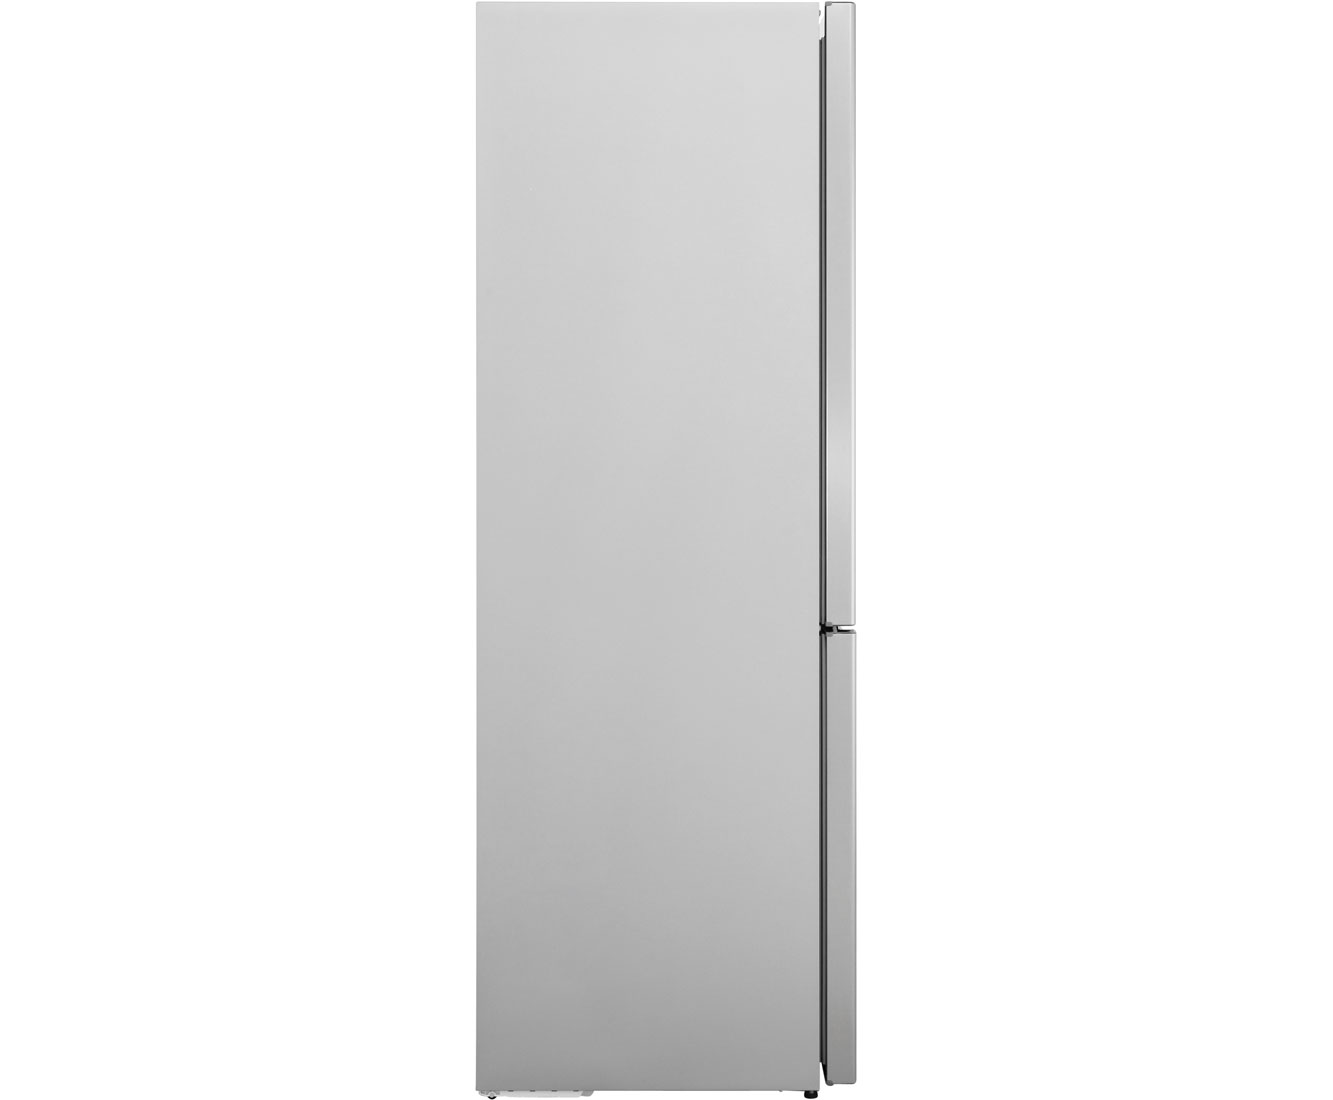 Bosch Kühlschrank Wasser : Bosch kühlschrank wasser sammelt sich: bosch kge ai serie kühl